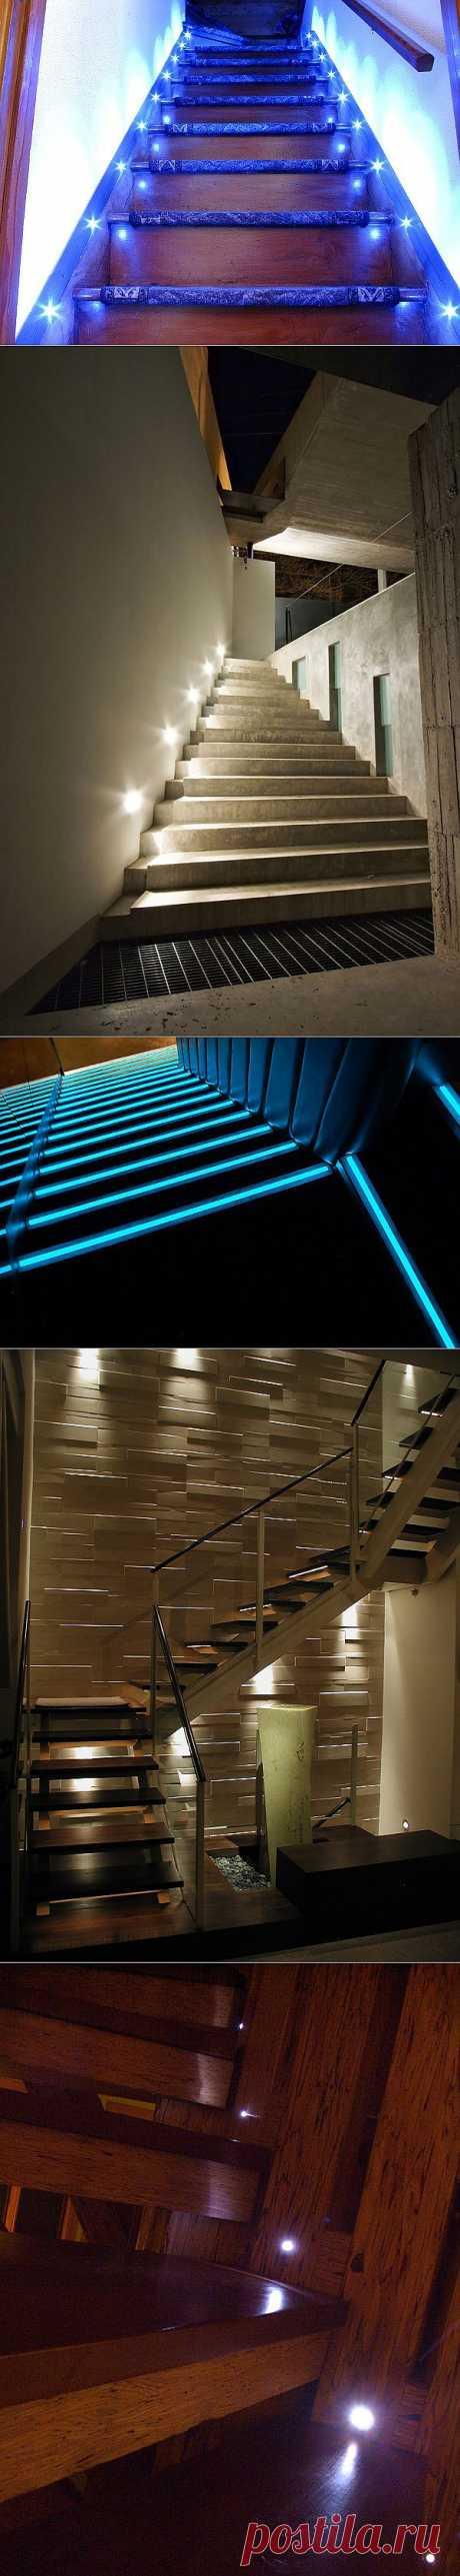 Светодиоды в освещении лестниц. - Мир отделки и ремонта